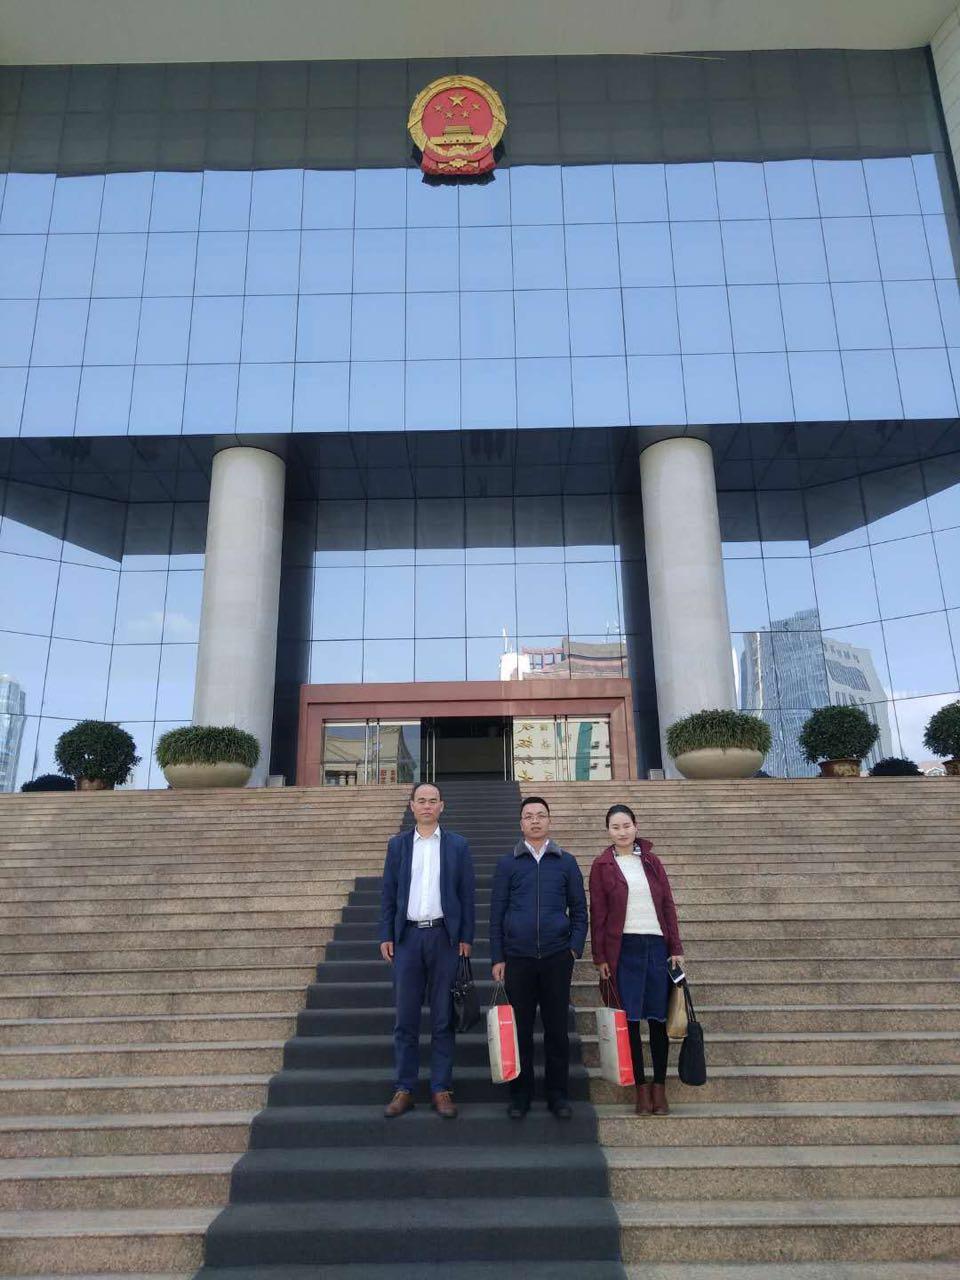 云南睿信律师事务所一民间借贷纠纷案在昆明中级人民法院开庭